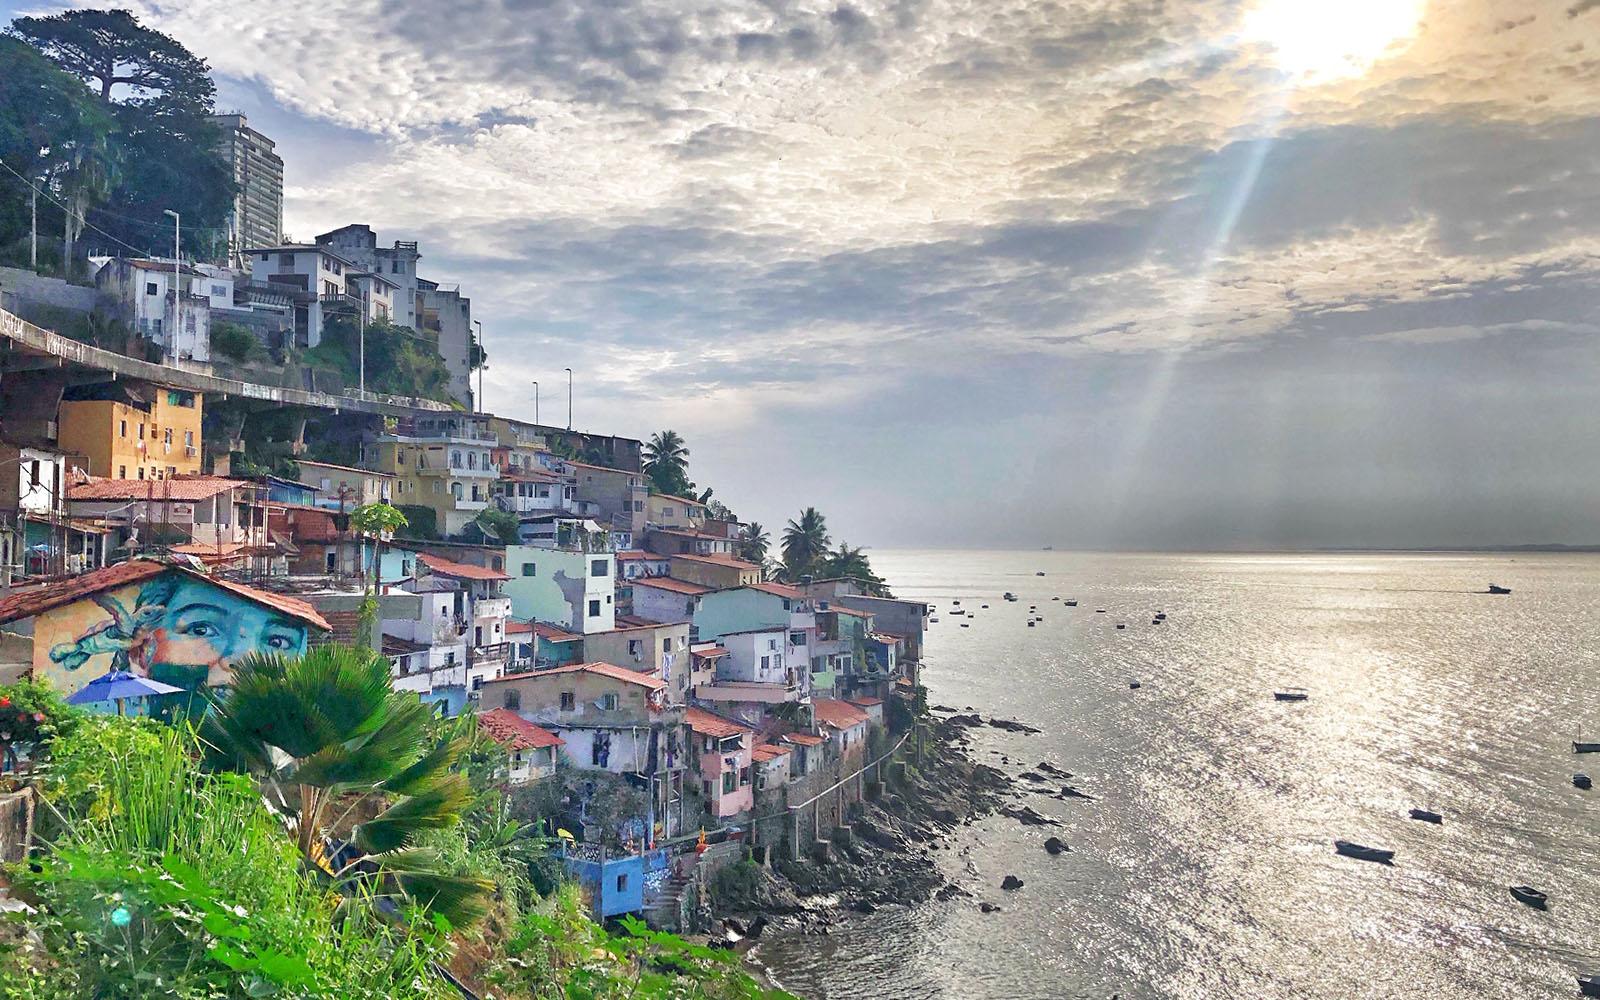 La favela Gamboa - Solar do Unhão. © oltreilbalcone